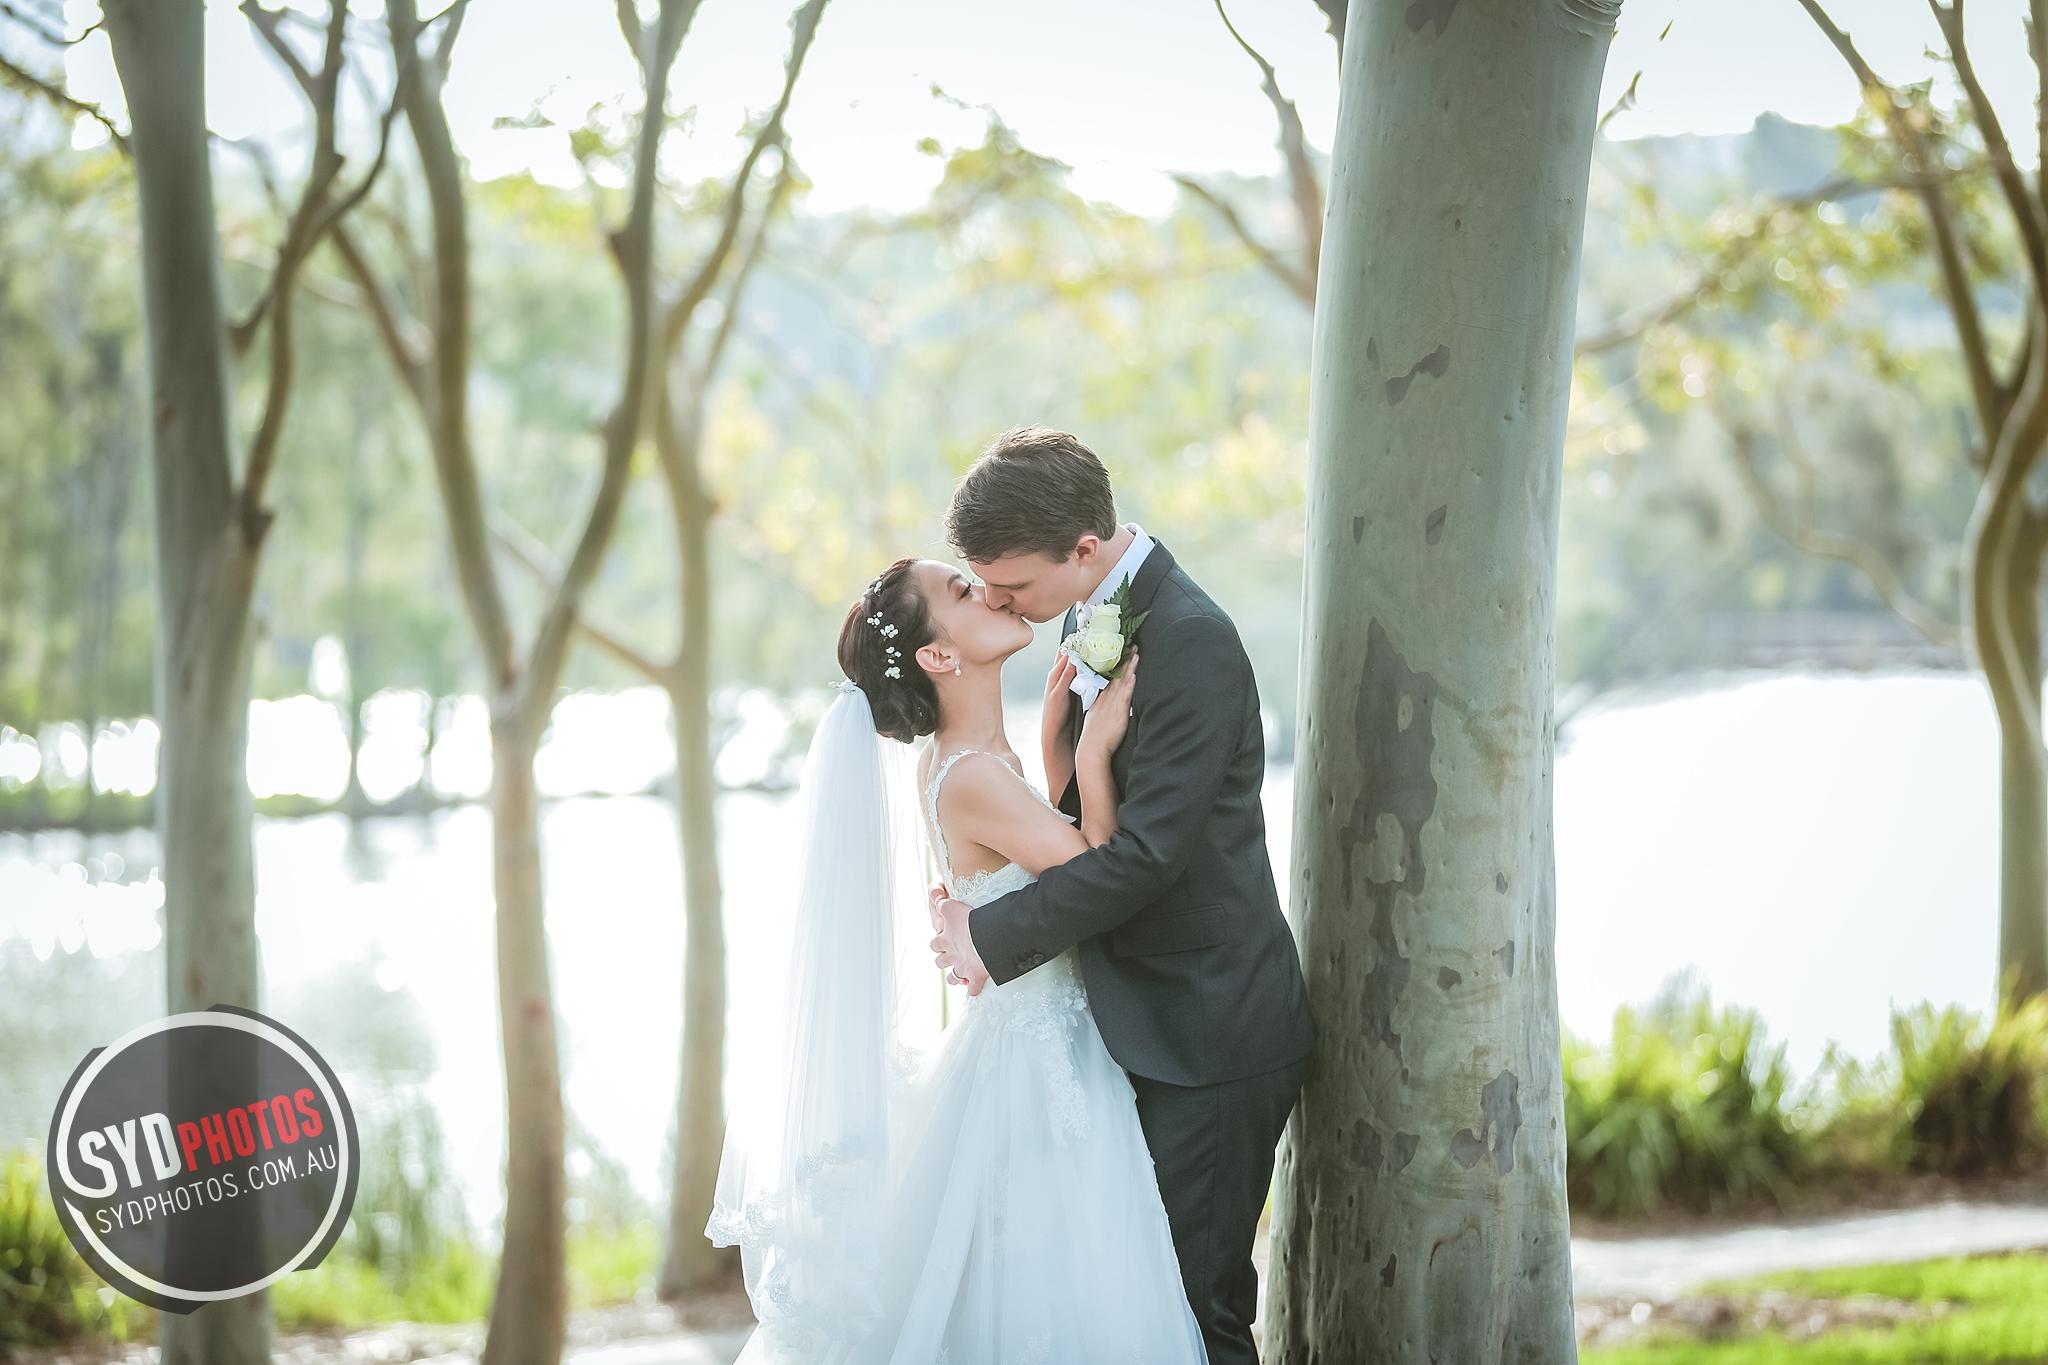 ID-94185-Cathy-Wedding-悉尼婚礼摄影